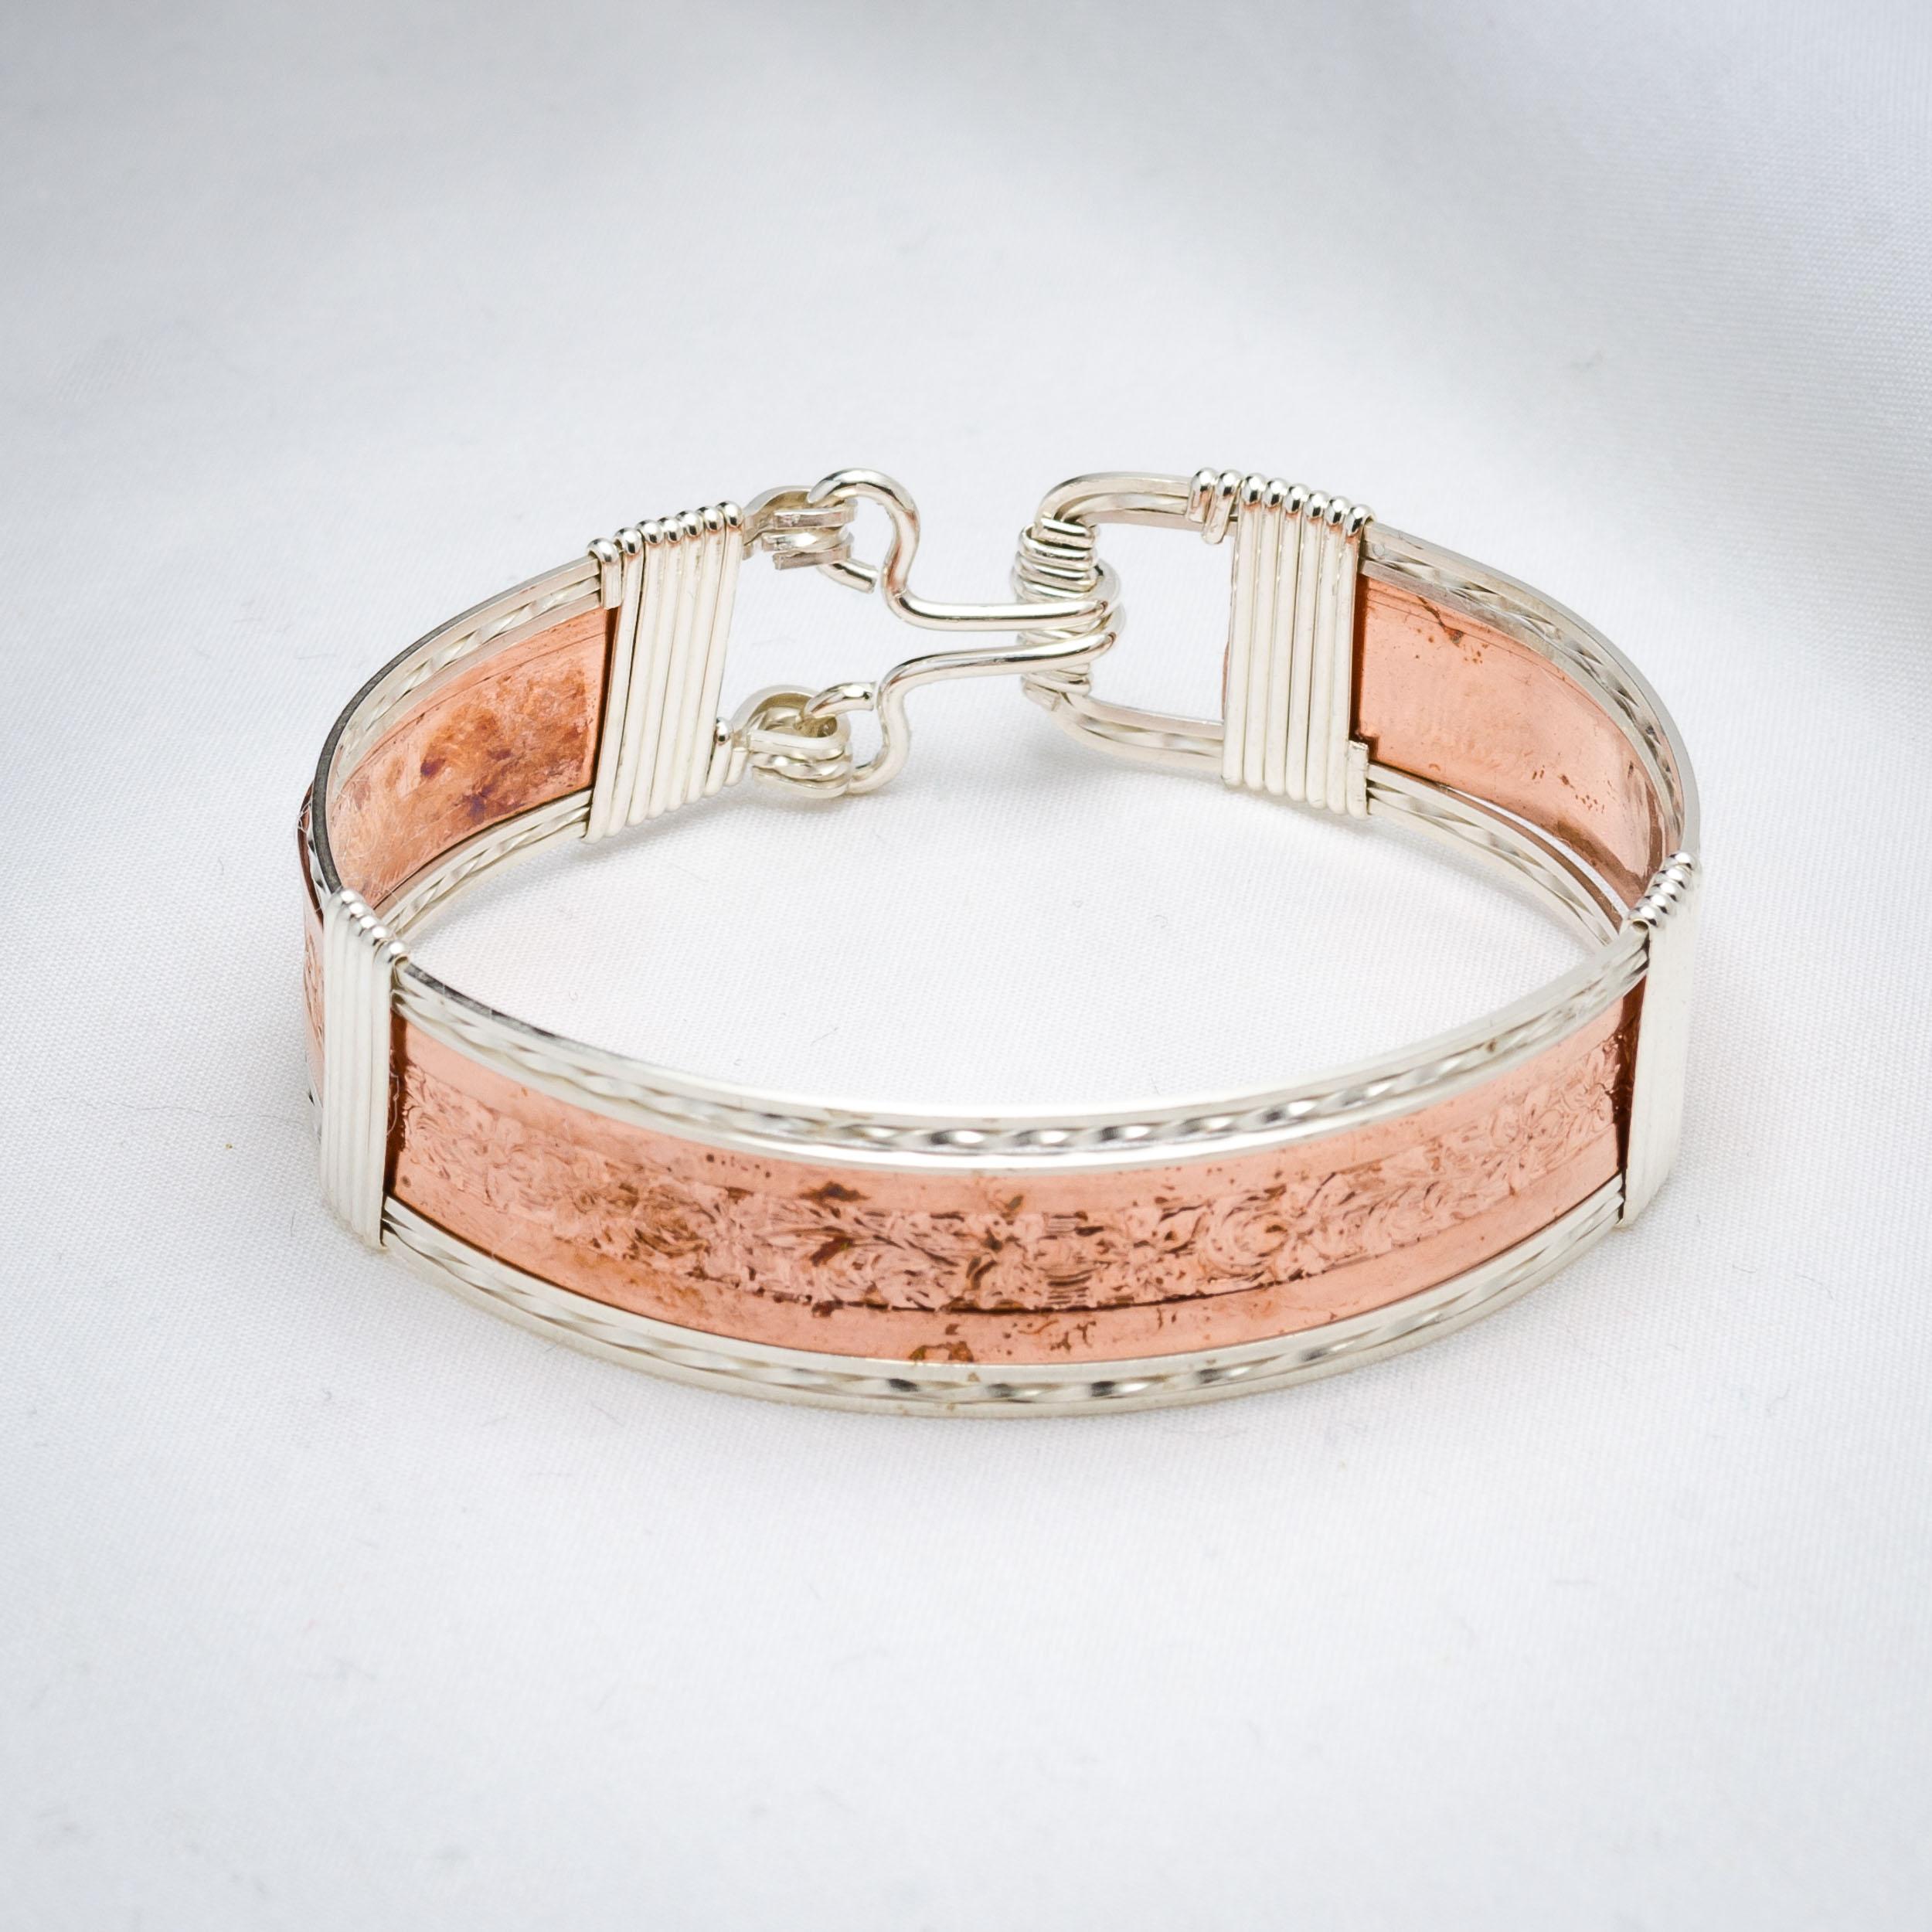 Bracelet_115.JPG